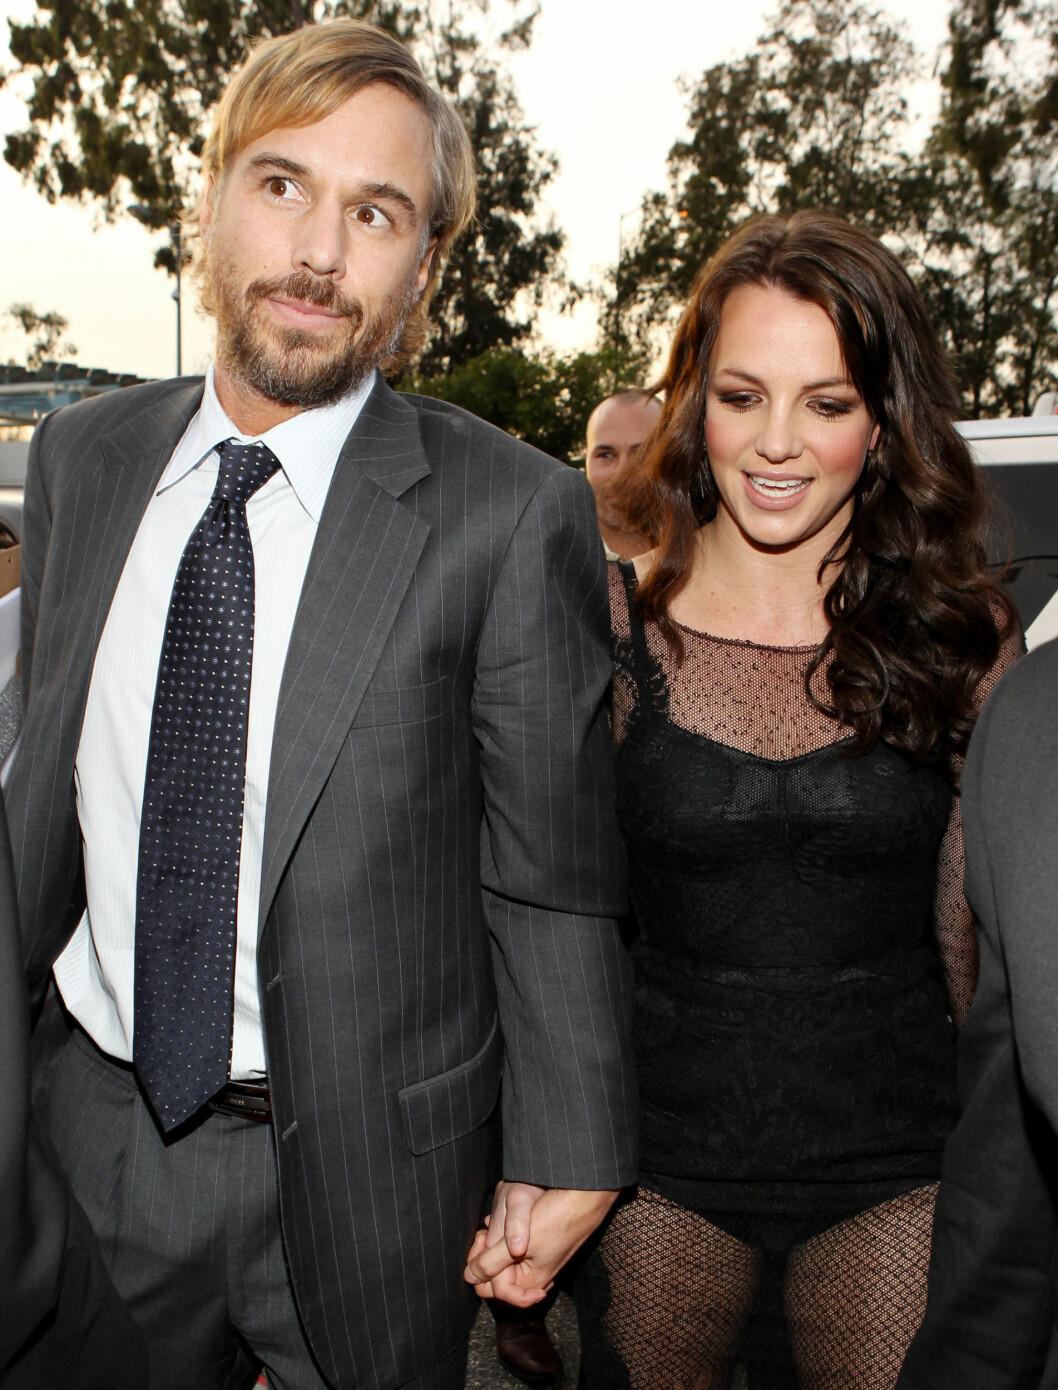 IKKE LIKE ELEGANT: Britney Spears kom sammen med Jason Trawick i dette antrekket fra Dolce & Gabbana. Ikke det heldigste antrekket på Grammy... Foto: All Over Press